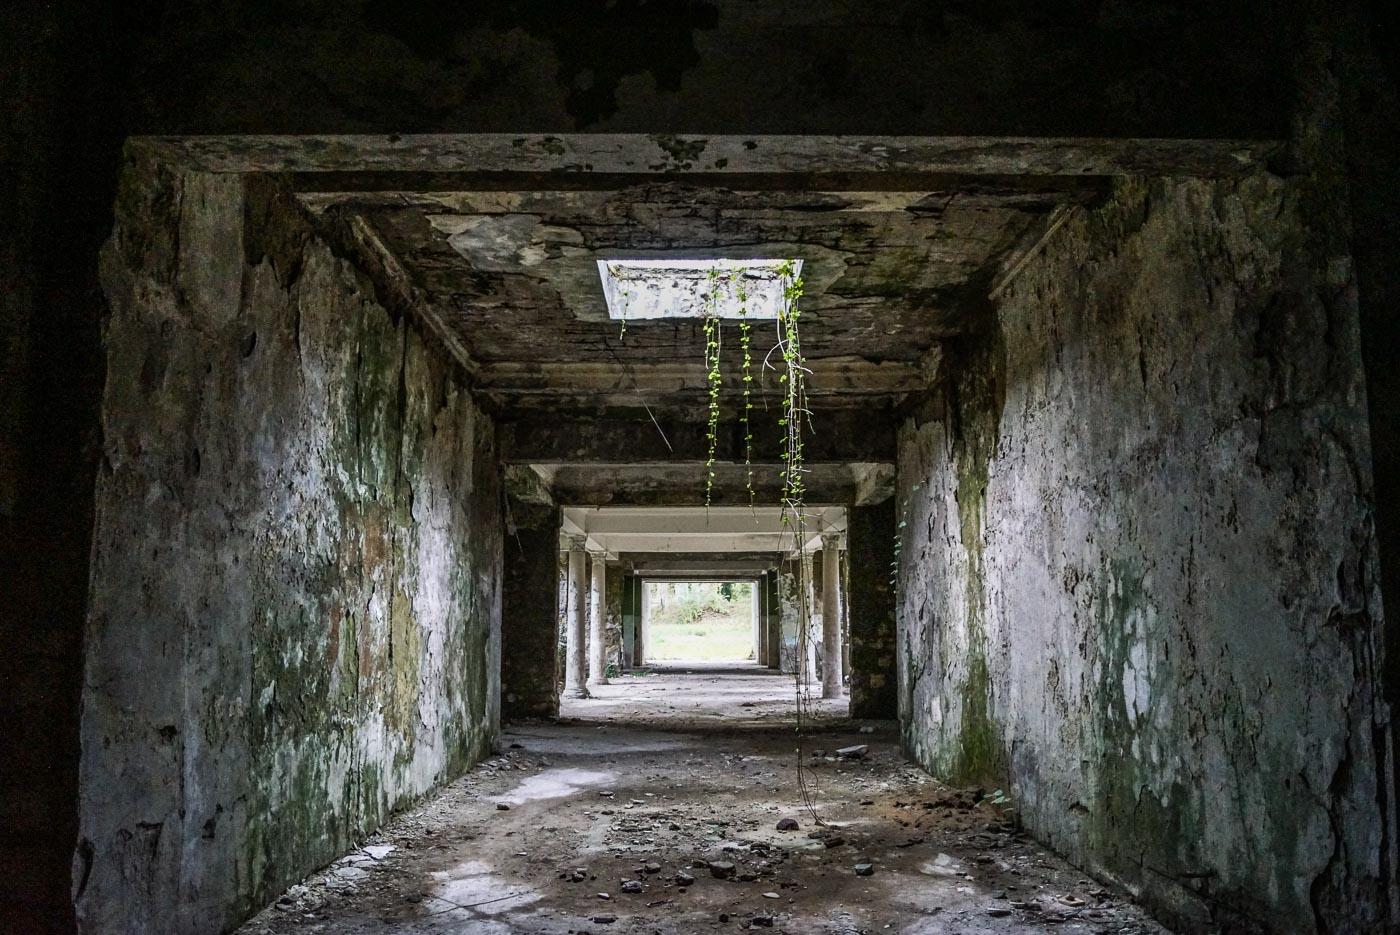 Zu sehen ist ein Gang, in einem verlassenen Sanatorium. Die Wände sind aschgrau bis schwarz und stellenweise mit Moos überzogen, durch einen Deckenlicht wächst eine Schlingpflanze nach unten, weiter hinten sind Säulen im klassischen Stil zu erkennen, dahinter ist ein Ausgang.